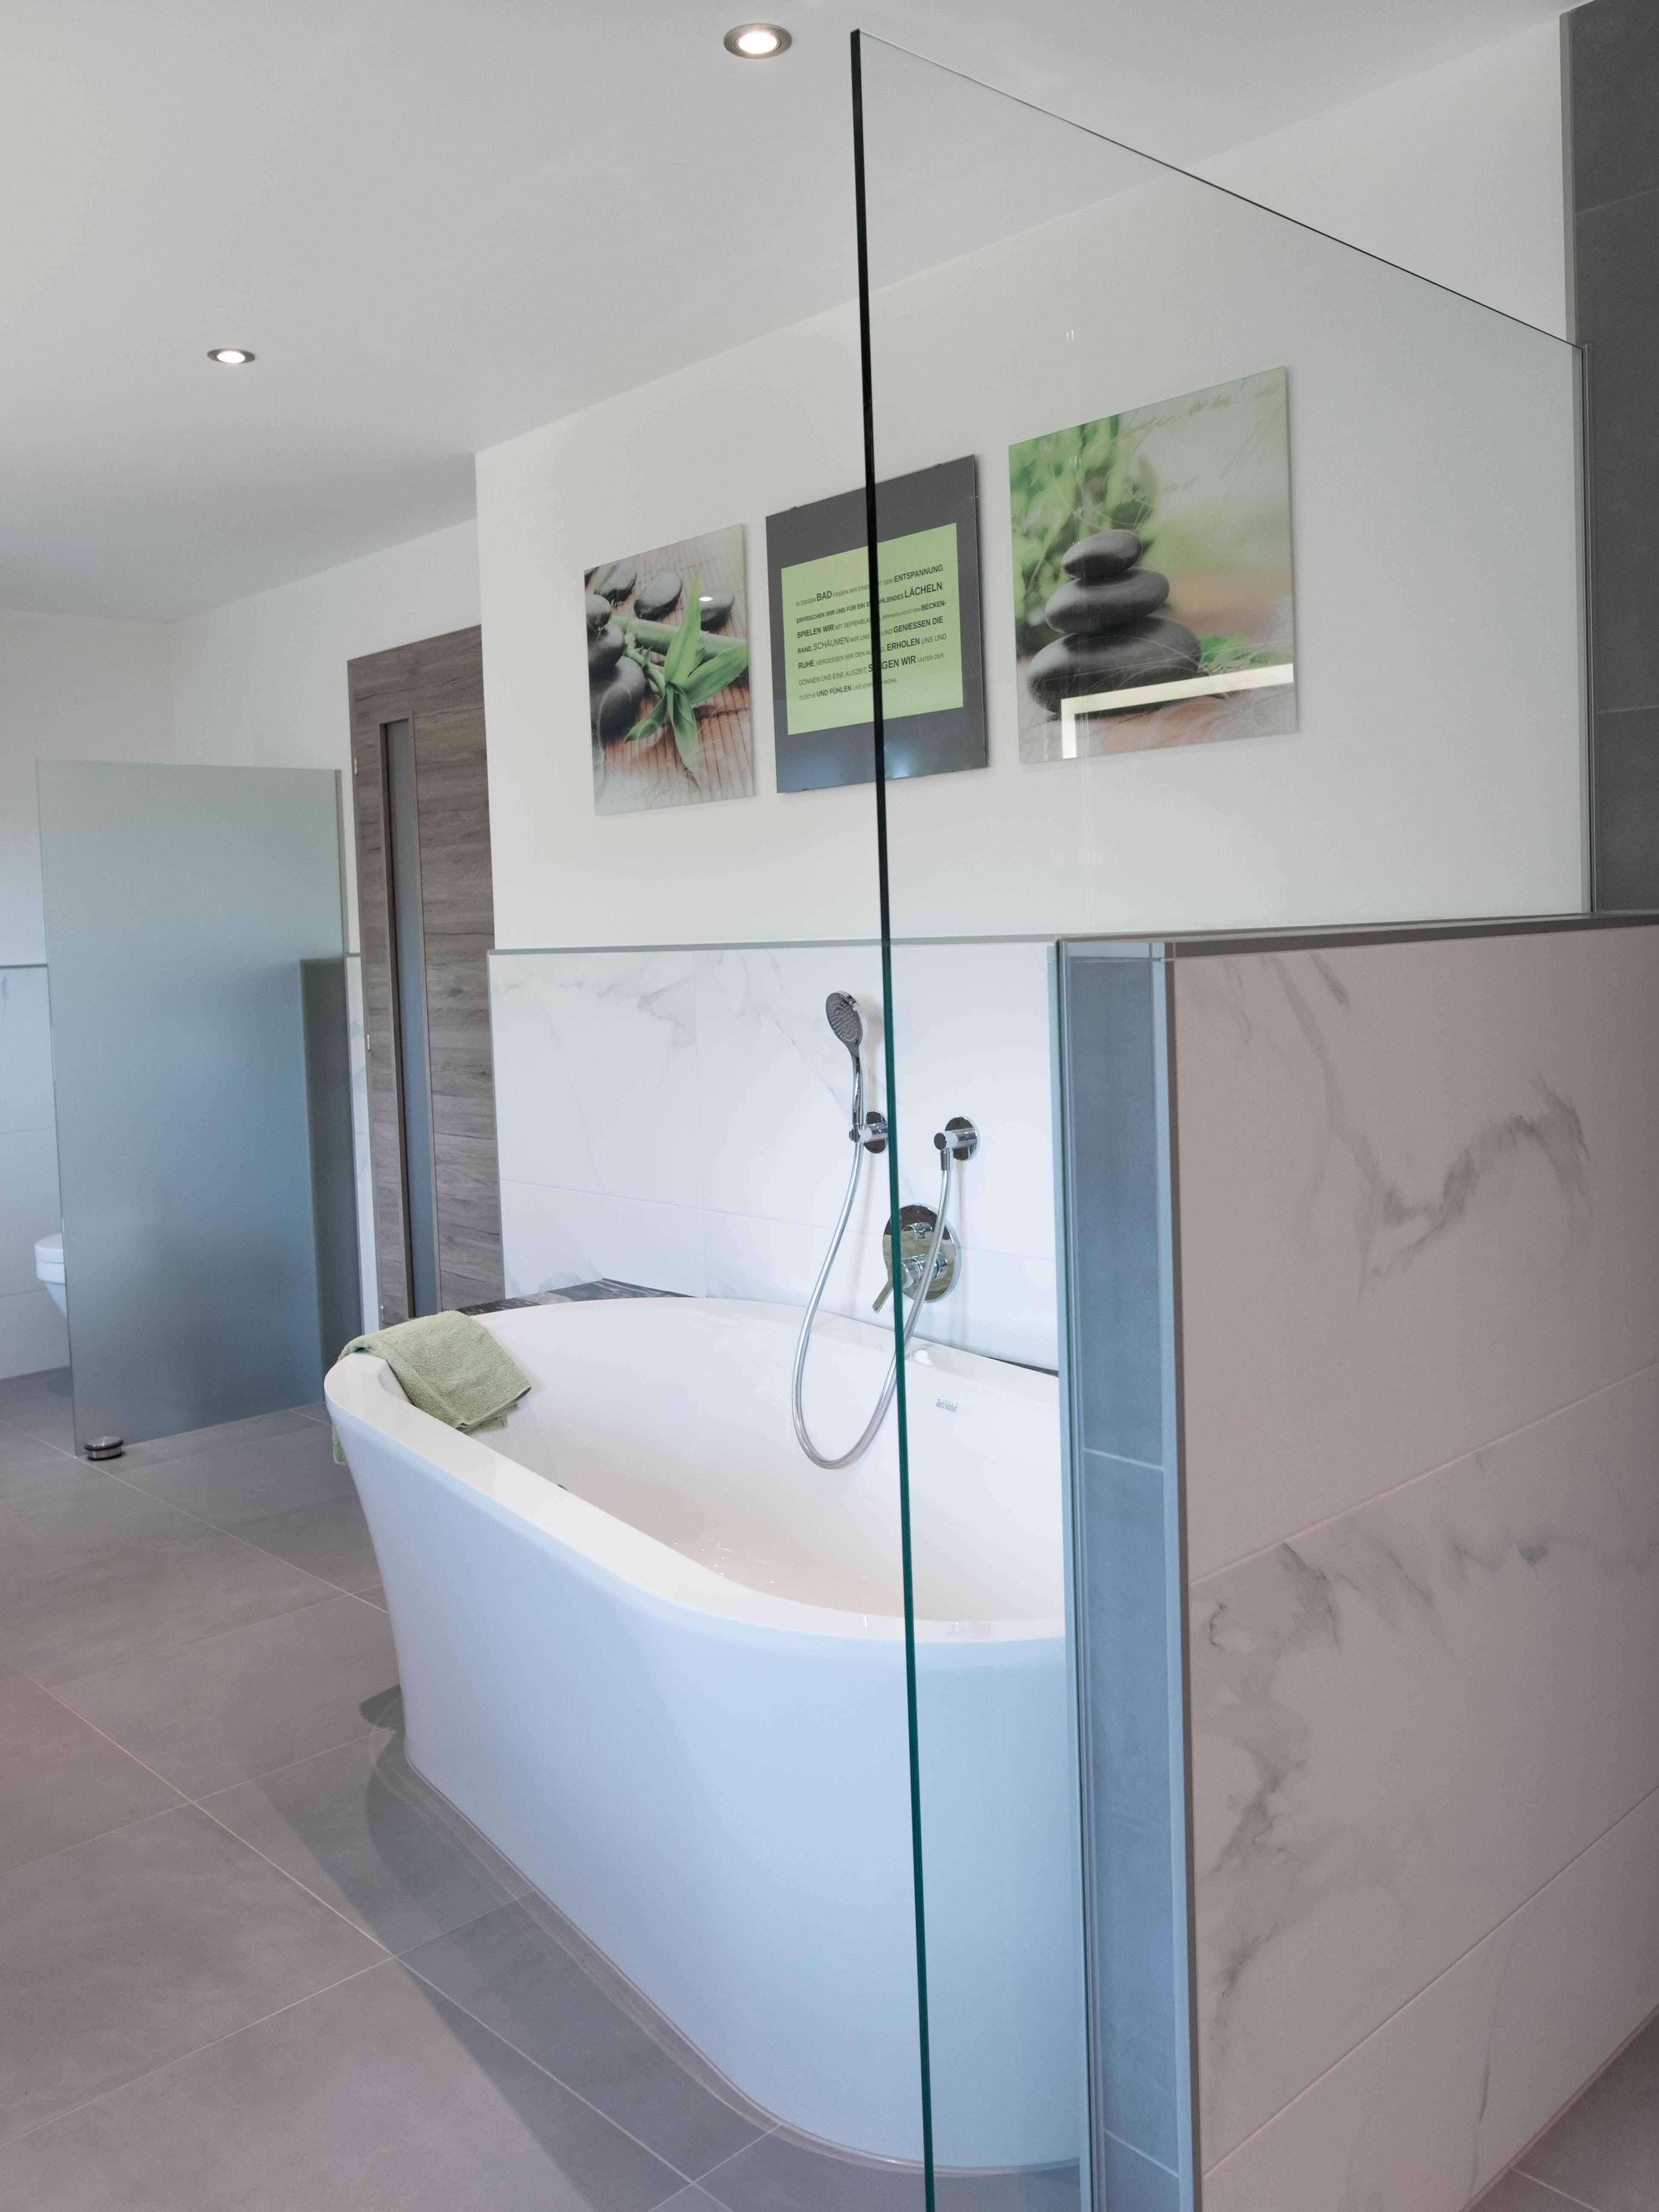 Inspirieren Lassen Auf Eingebaute Badewanne Badezimmer Badewanne